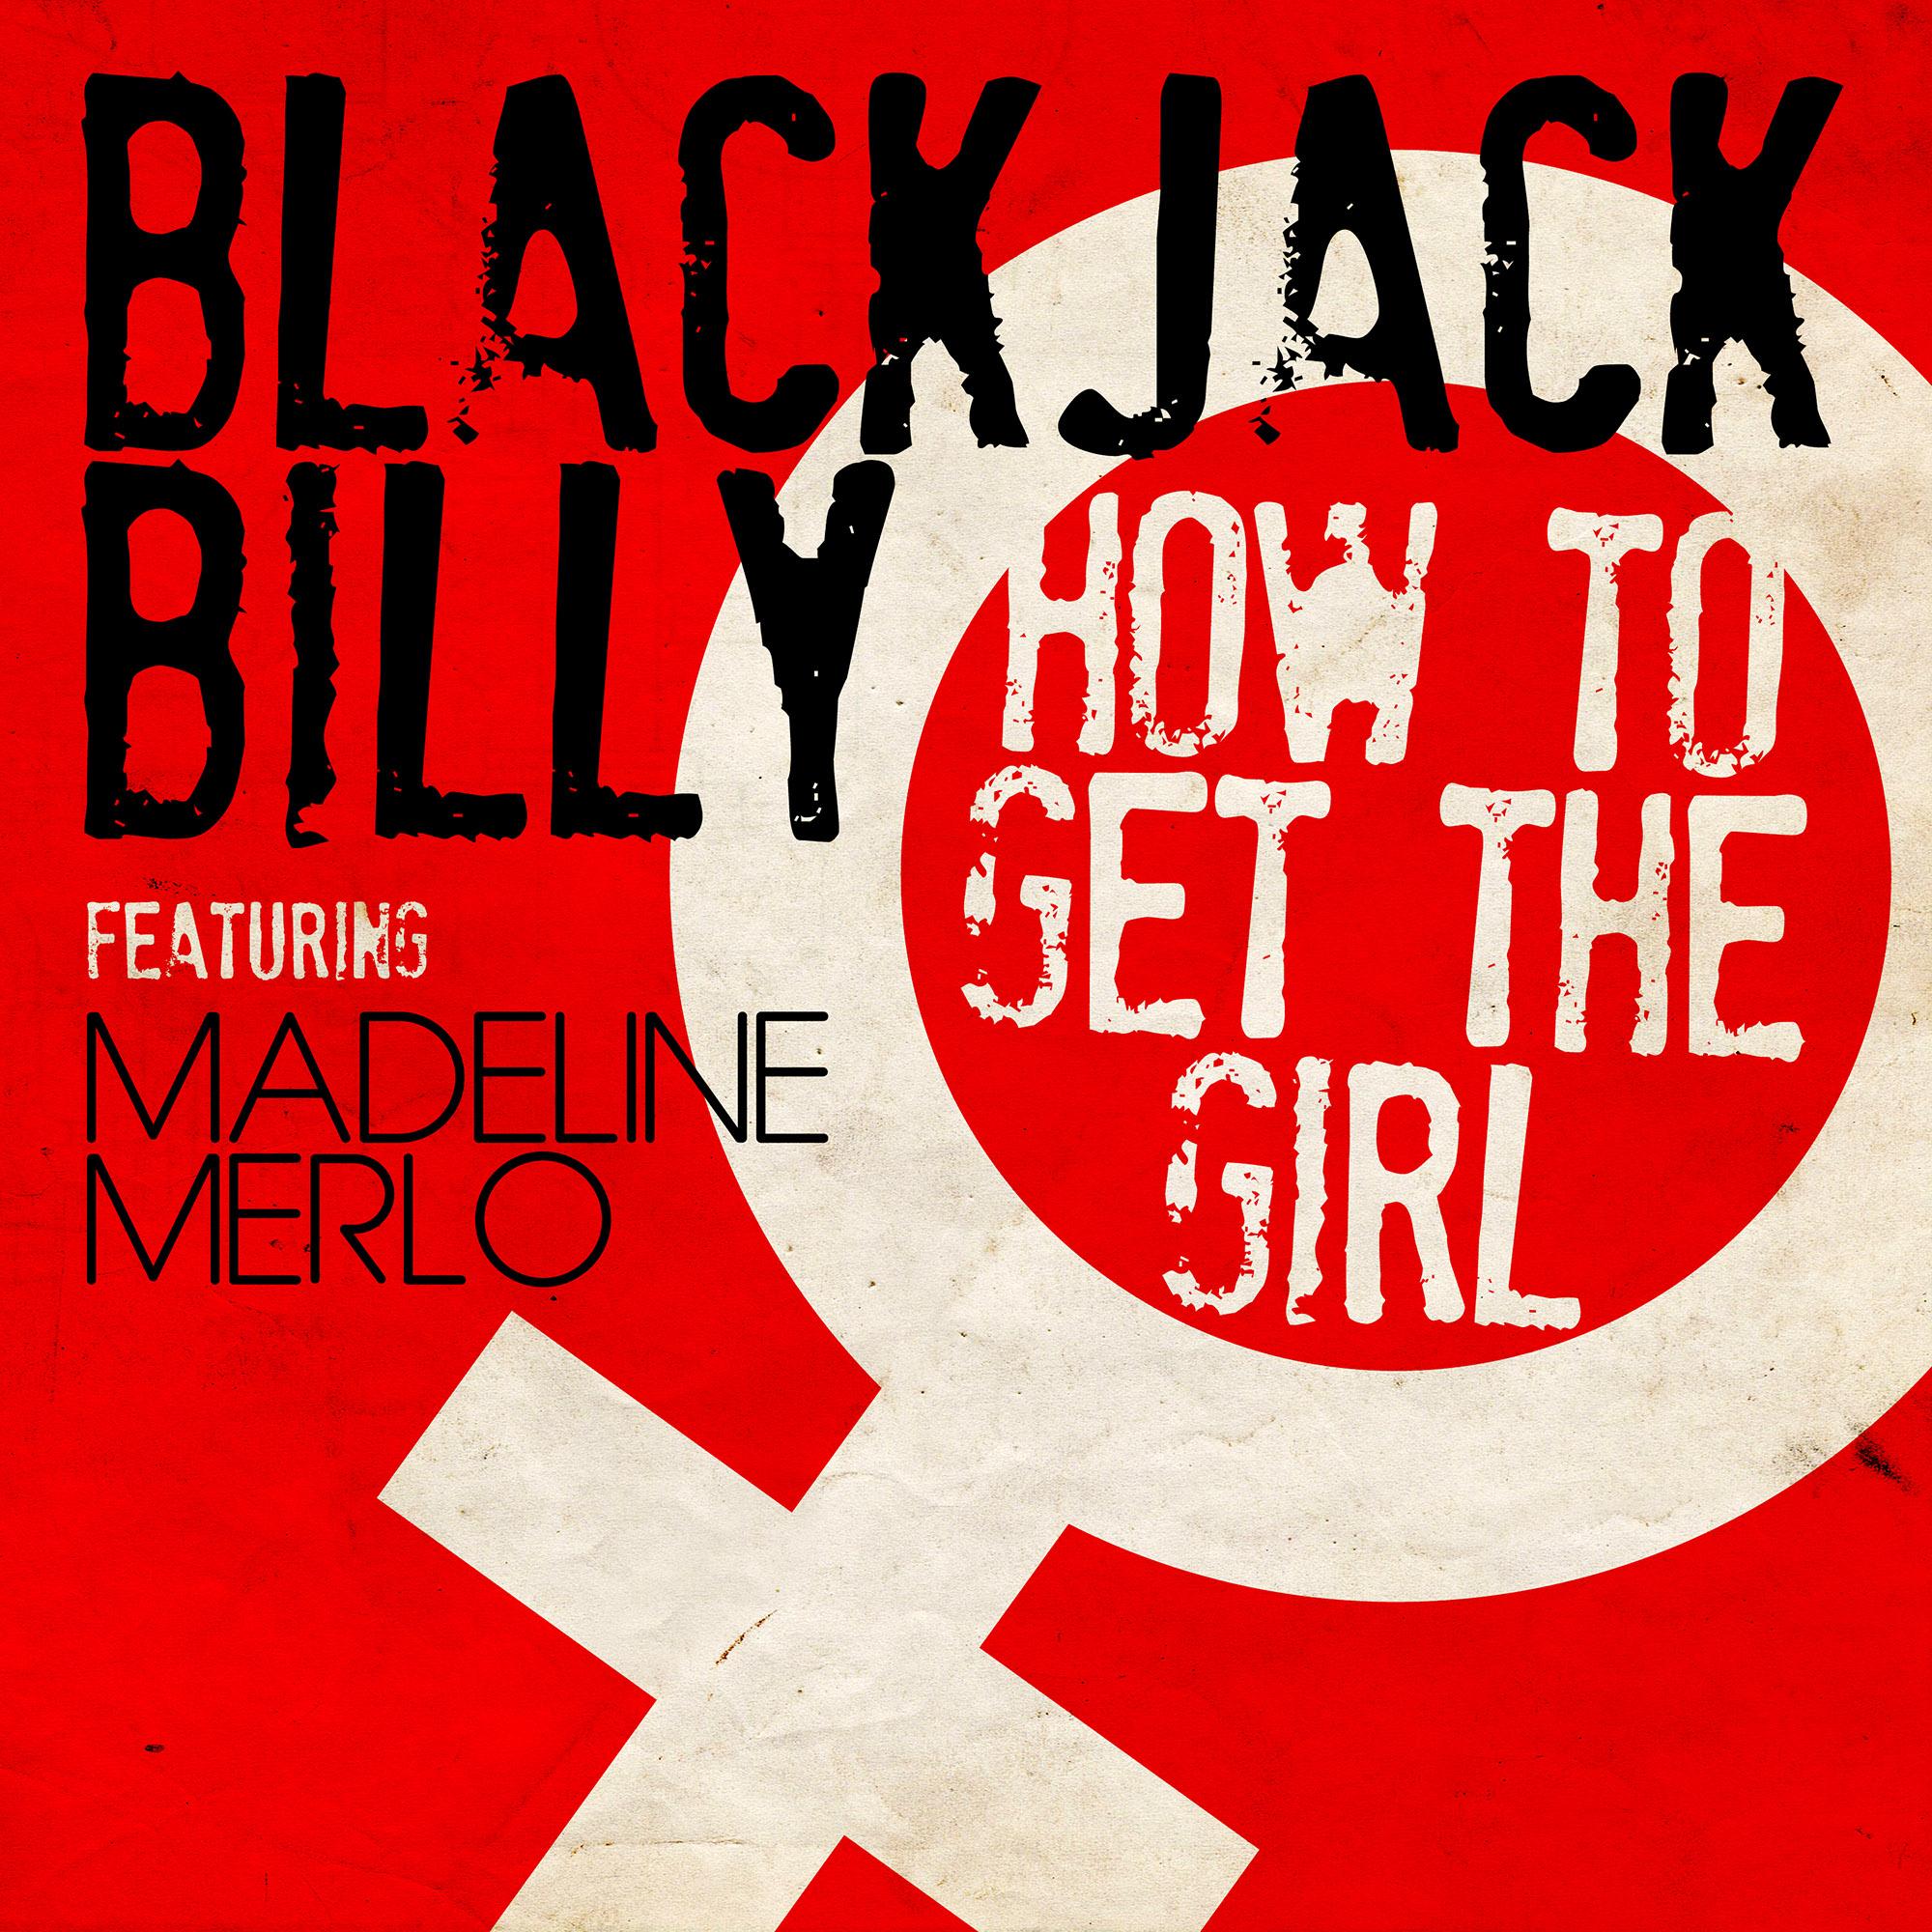 Blackjack billy facebook